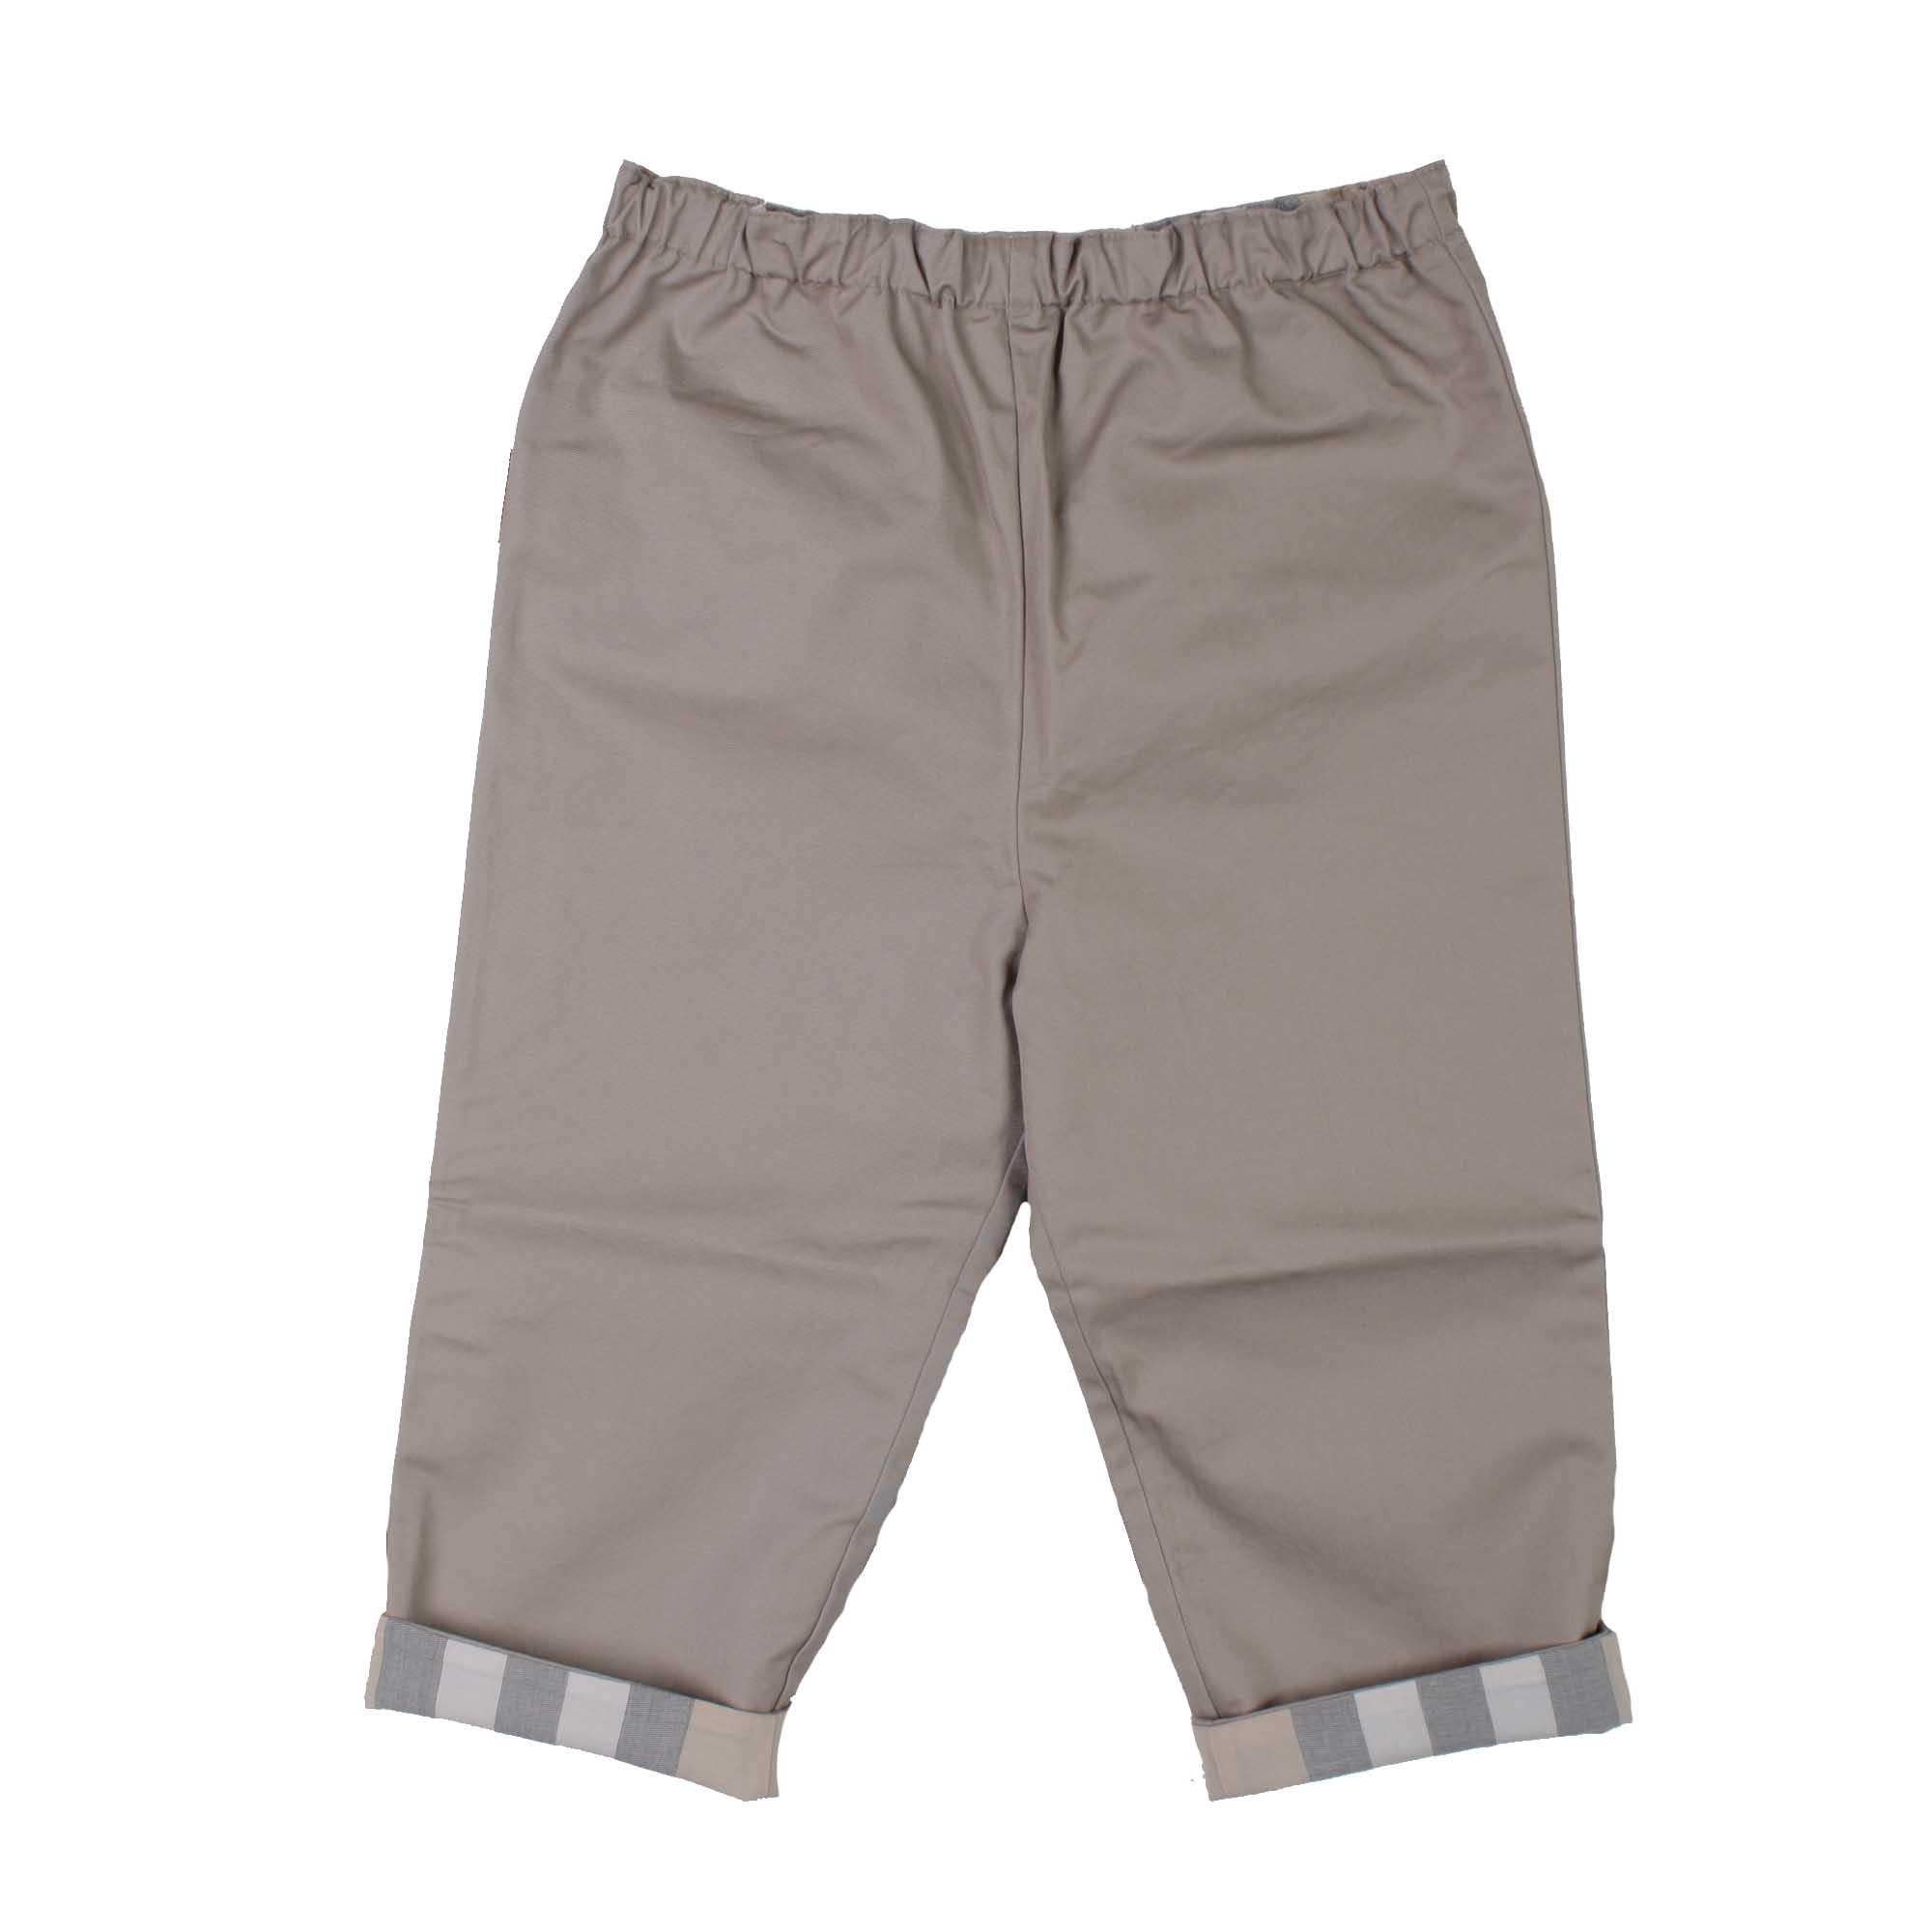 9b0290f81994 Burberry - Pantalone Neonato Beige Con Risvolti Check - annameglio ...